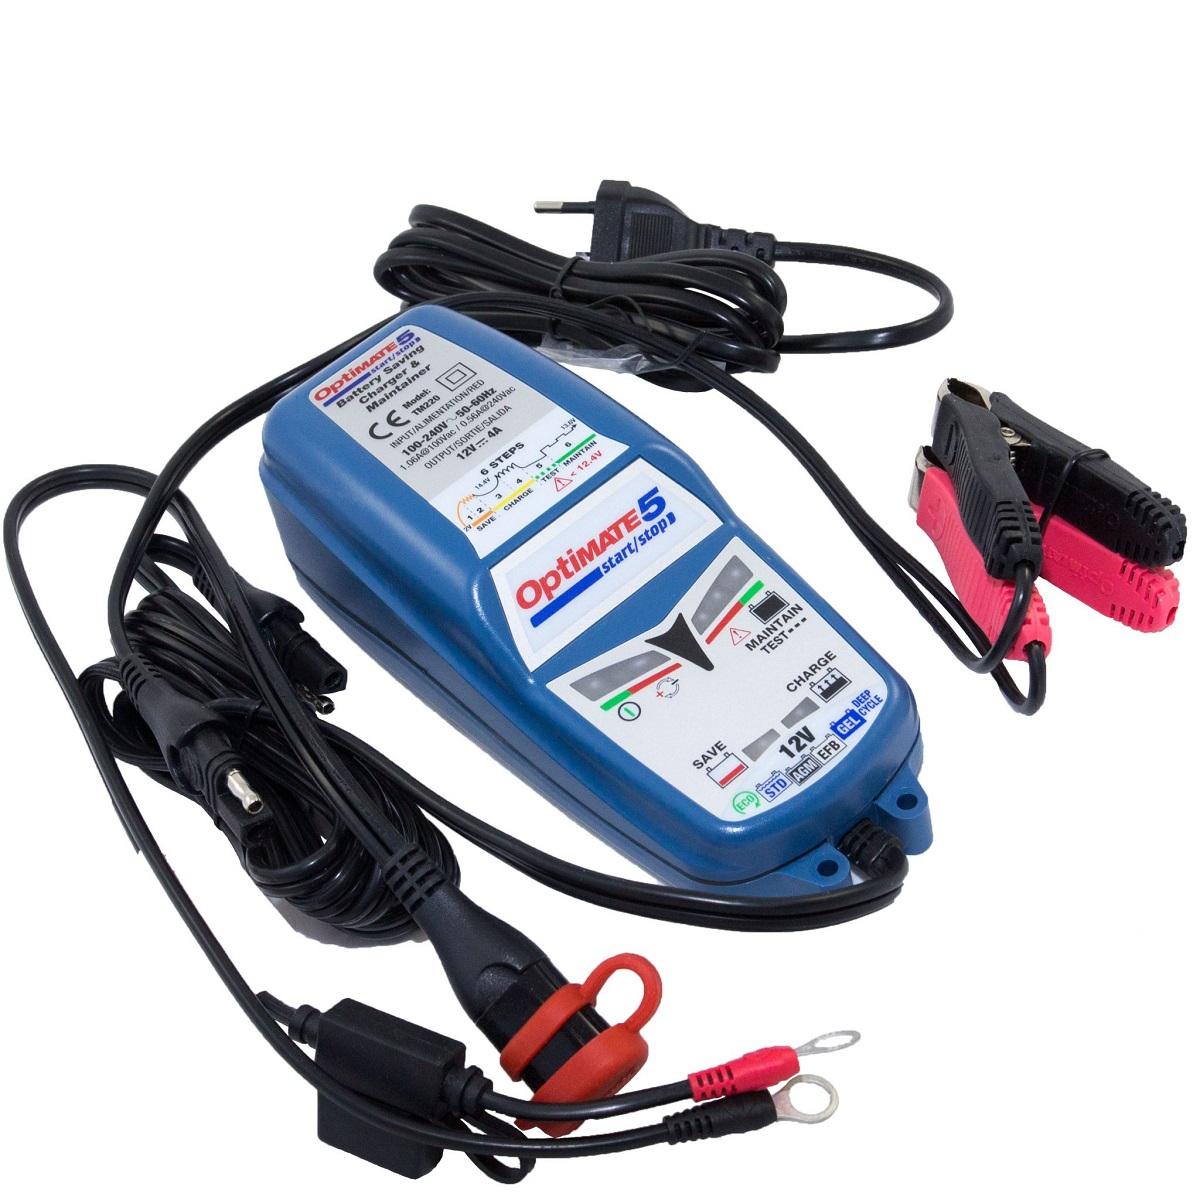 Зарядное устройство OptiMate 5 4А Start-Stop. TM220511600Многоступенчатое зарядное устройство Optimate от бельгийской компании TecMate с режимами тестирования, восстановления глубокоразряженных аккумуляторных батарей, десульфатации и хранения. Управление полностью автоматическое без кнопок. Заряжает все типы 12В свинцово-кислотных аккумуляторных батарей, в т.ч. AGM, GEL. Защита от короткого замыкания, переполюсовки, искрообразования, перегрева. Оптимизирует срок службы и здоровье аккумуляторной батареи. Гарантия 3 года (замена на новое изделие).Влагозащищенный корпус.Рекомендовано 10-ю ведущими производителями мототехники. Optimate 5 рекомендуется для АКБ от 15 Ач до 192 Ач. Ток заряда 4,0 А. Старт зарядки АКБ от 2 В. Температурный режим от -20°С до +40°С. В комплект устройства входят аксессуары O11 кольцевой разъем постоянного подключения и O4 зажимы типа крокодил.